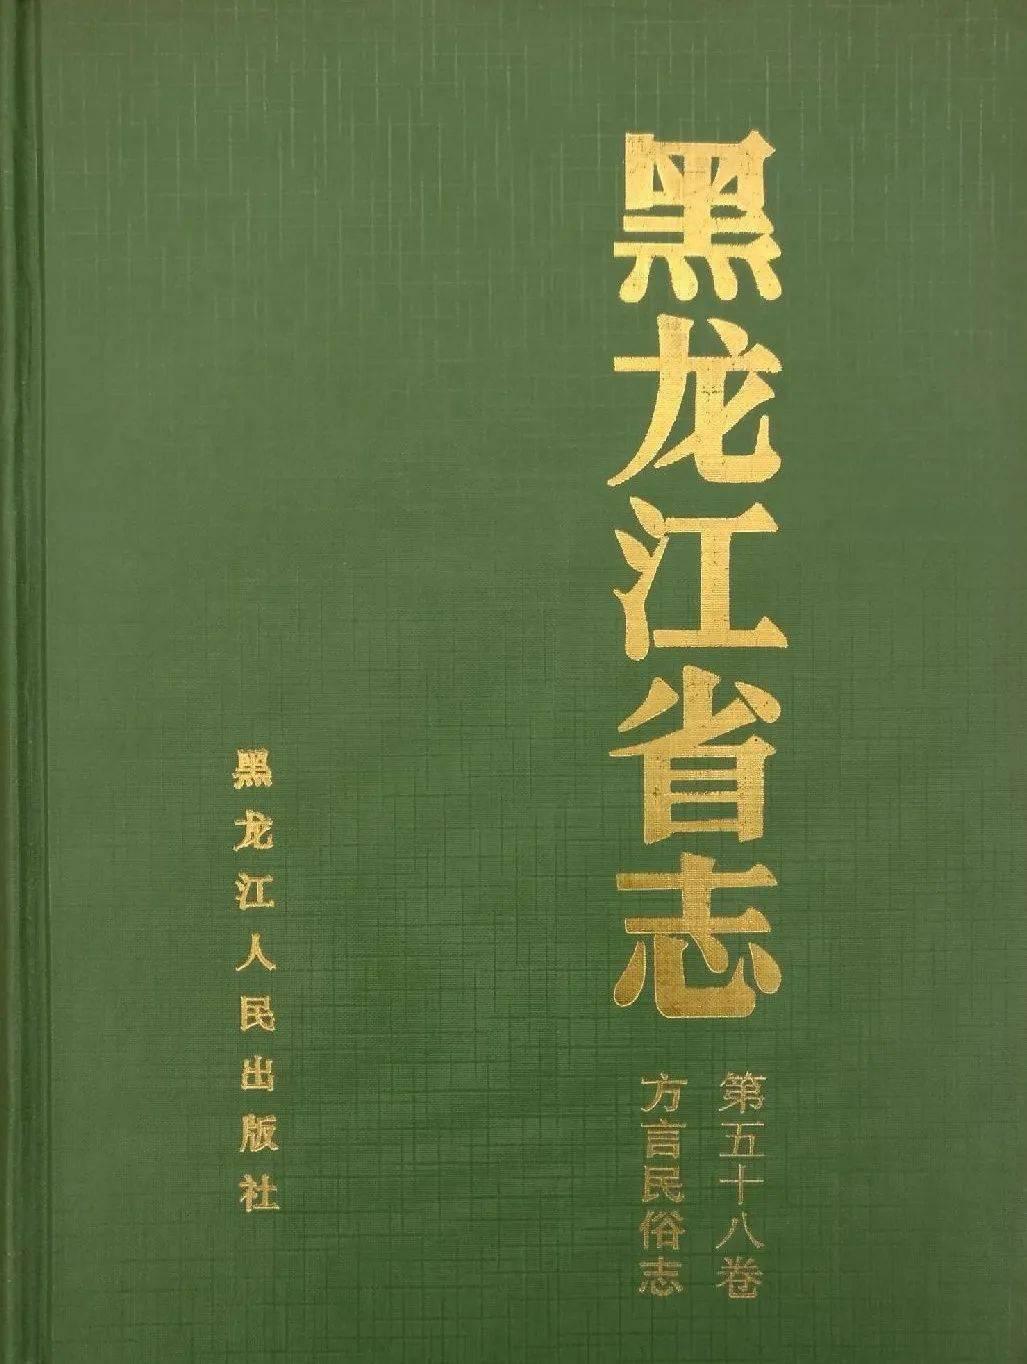 《<黑龙江省志>方言民俗志·第五十八卷》